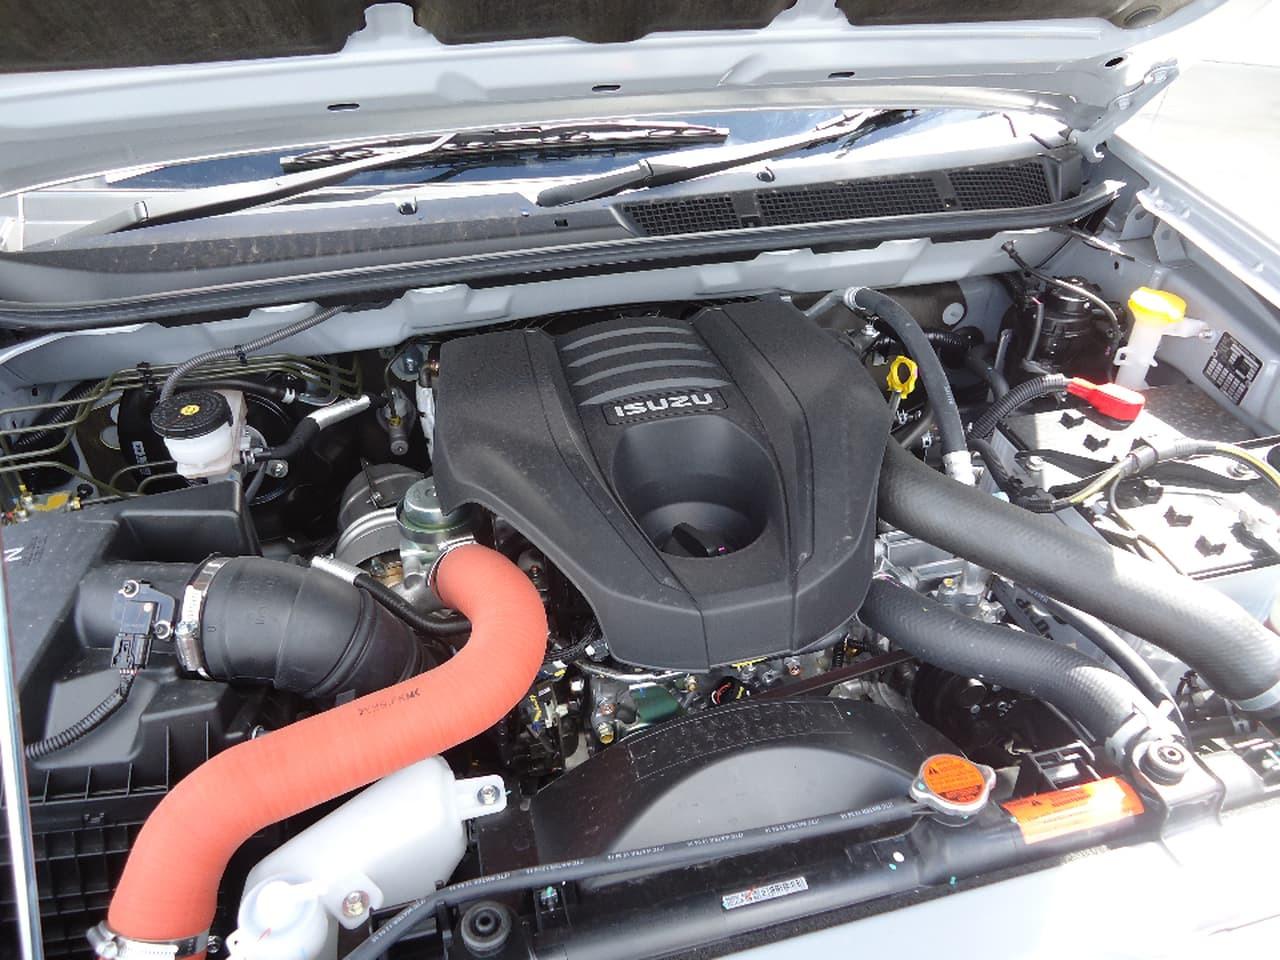 2017 Isuzu UTE D-MAX 4x4 SX Crew Cab Ute Utility